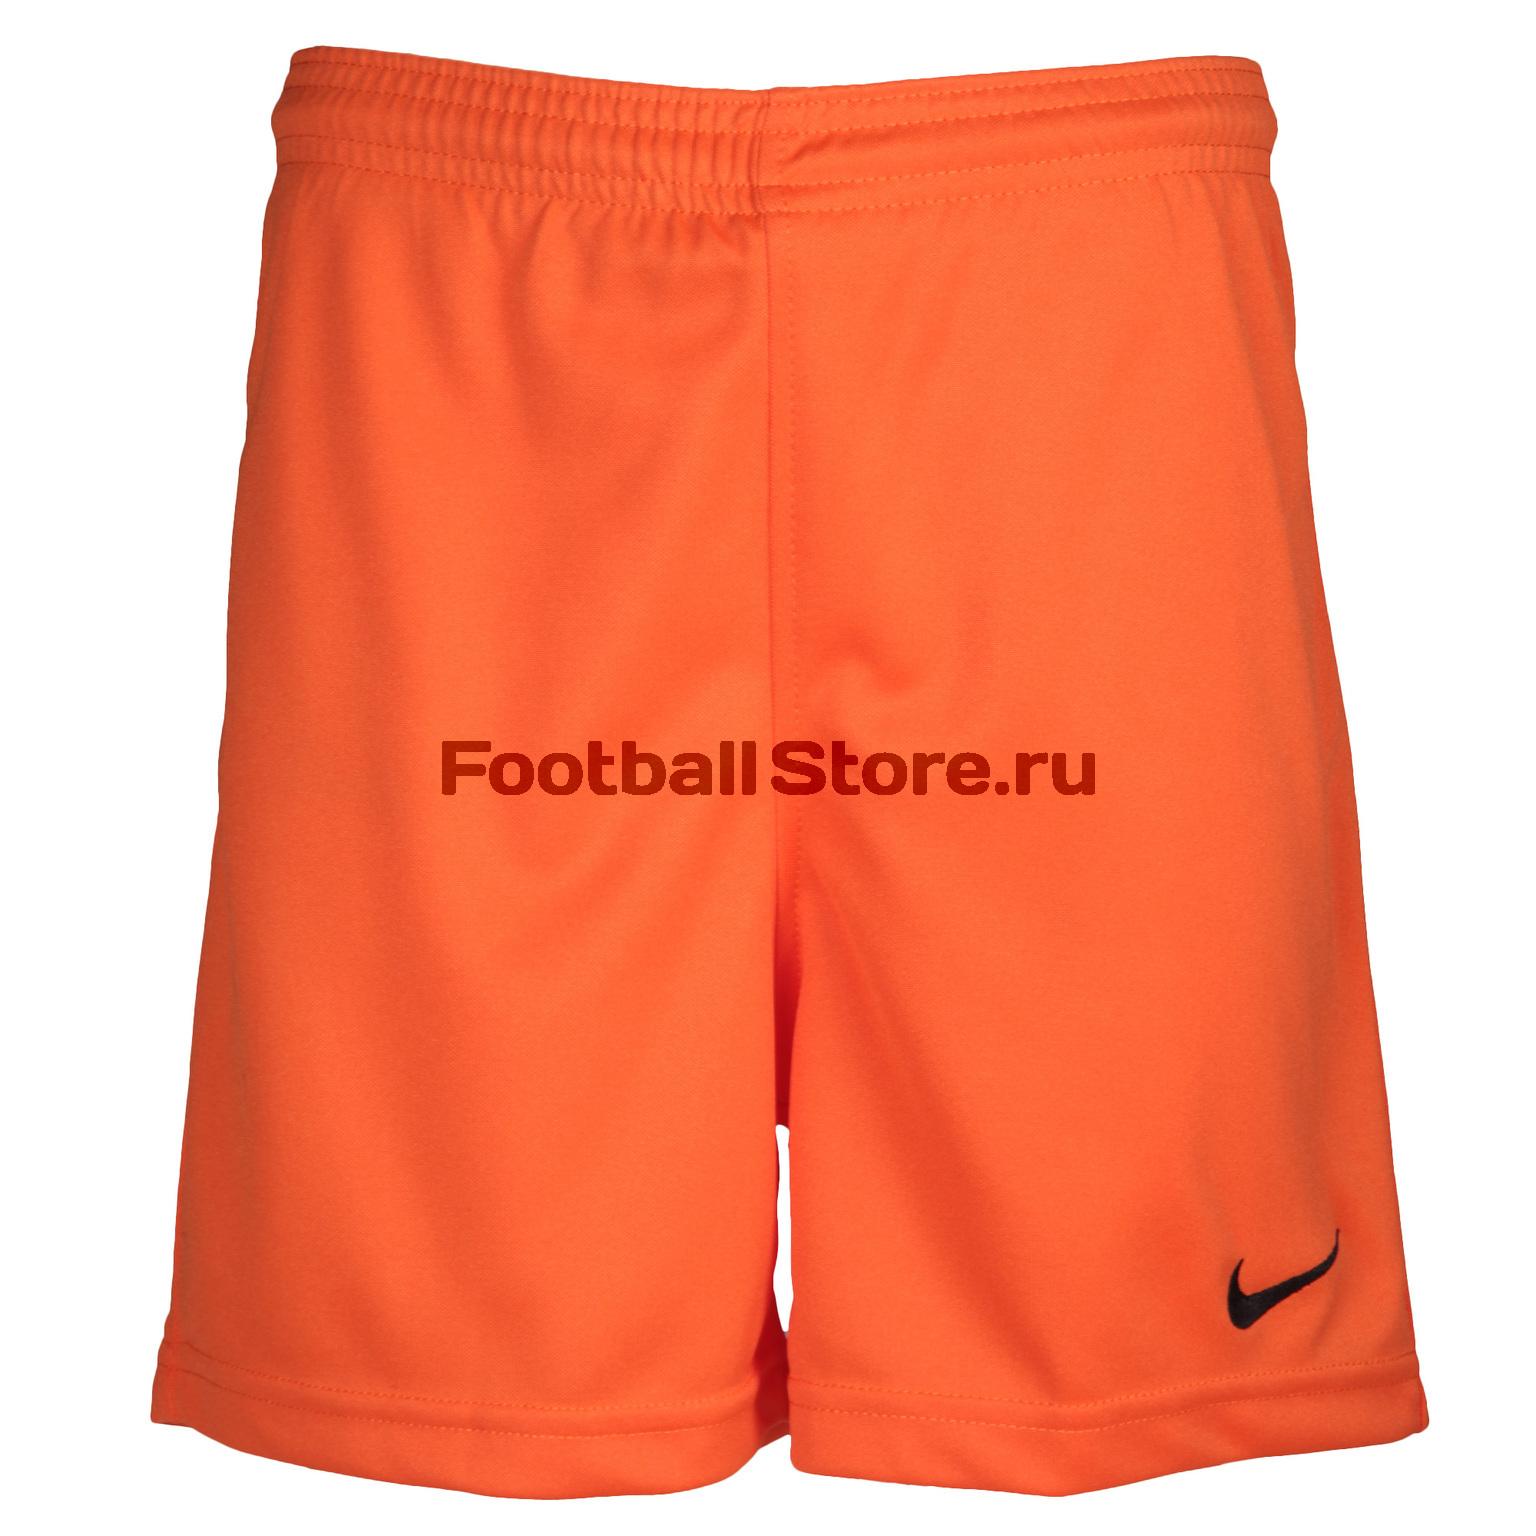 Шорты игровые подростковые Nike Park Knit Short JR494838-815